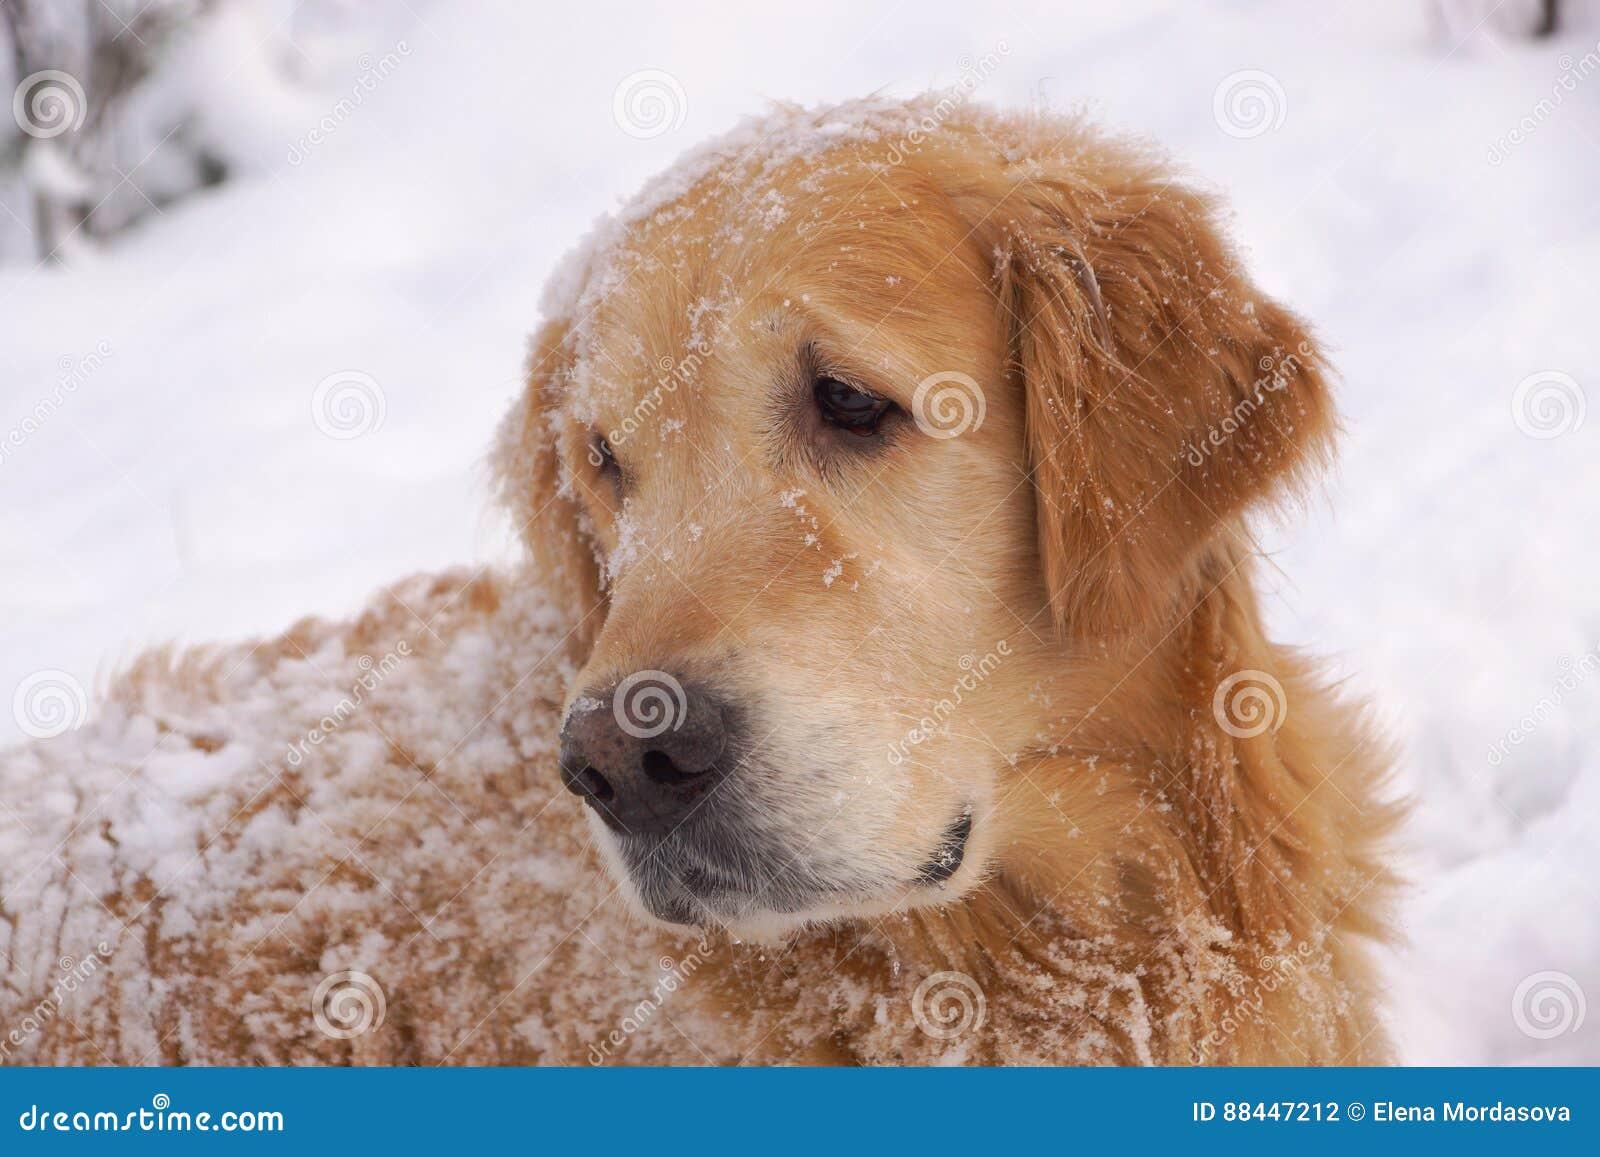 Το σκυλί αναπαράγει χρυσό retriever που ξανακοιτάζει, που βρίσκεται γύρω από και που παίζει στο άσπρο χιόνι